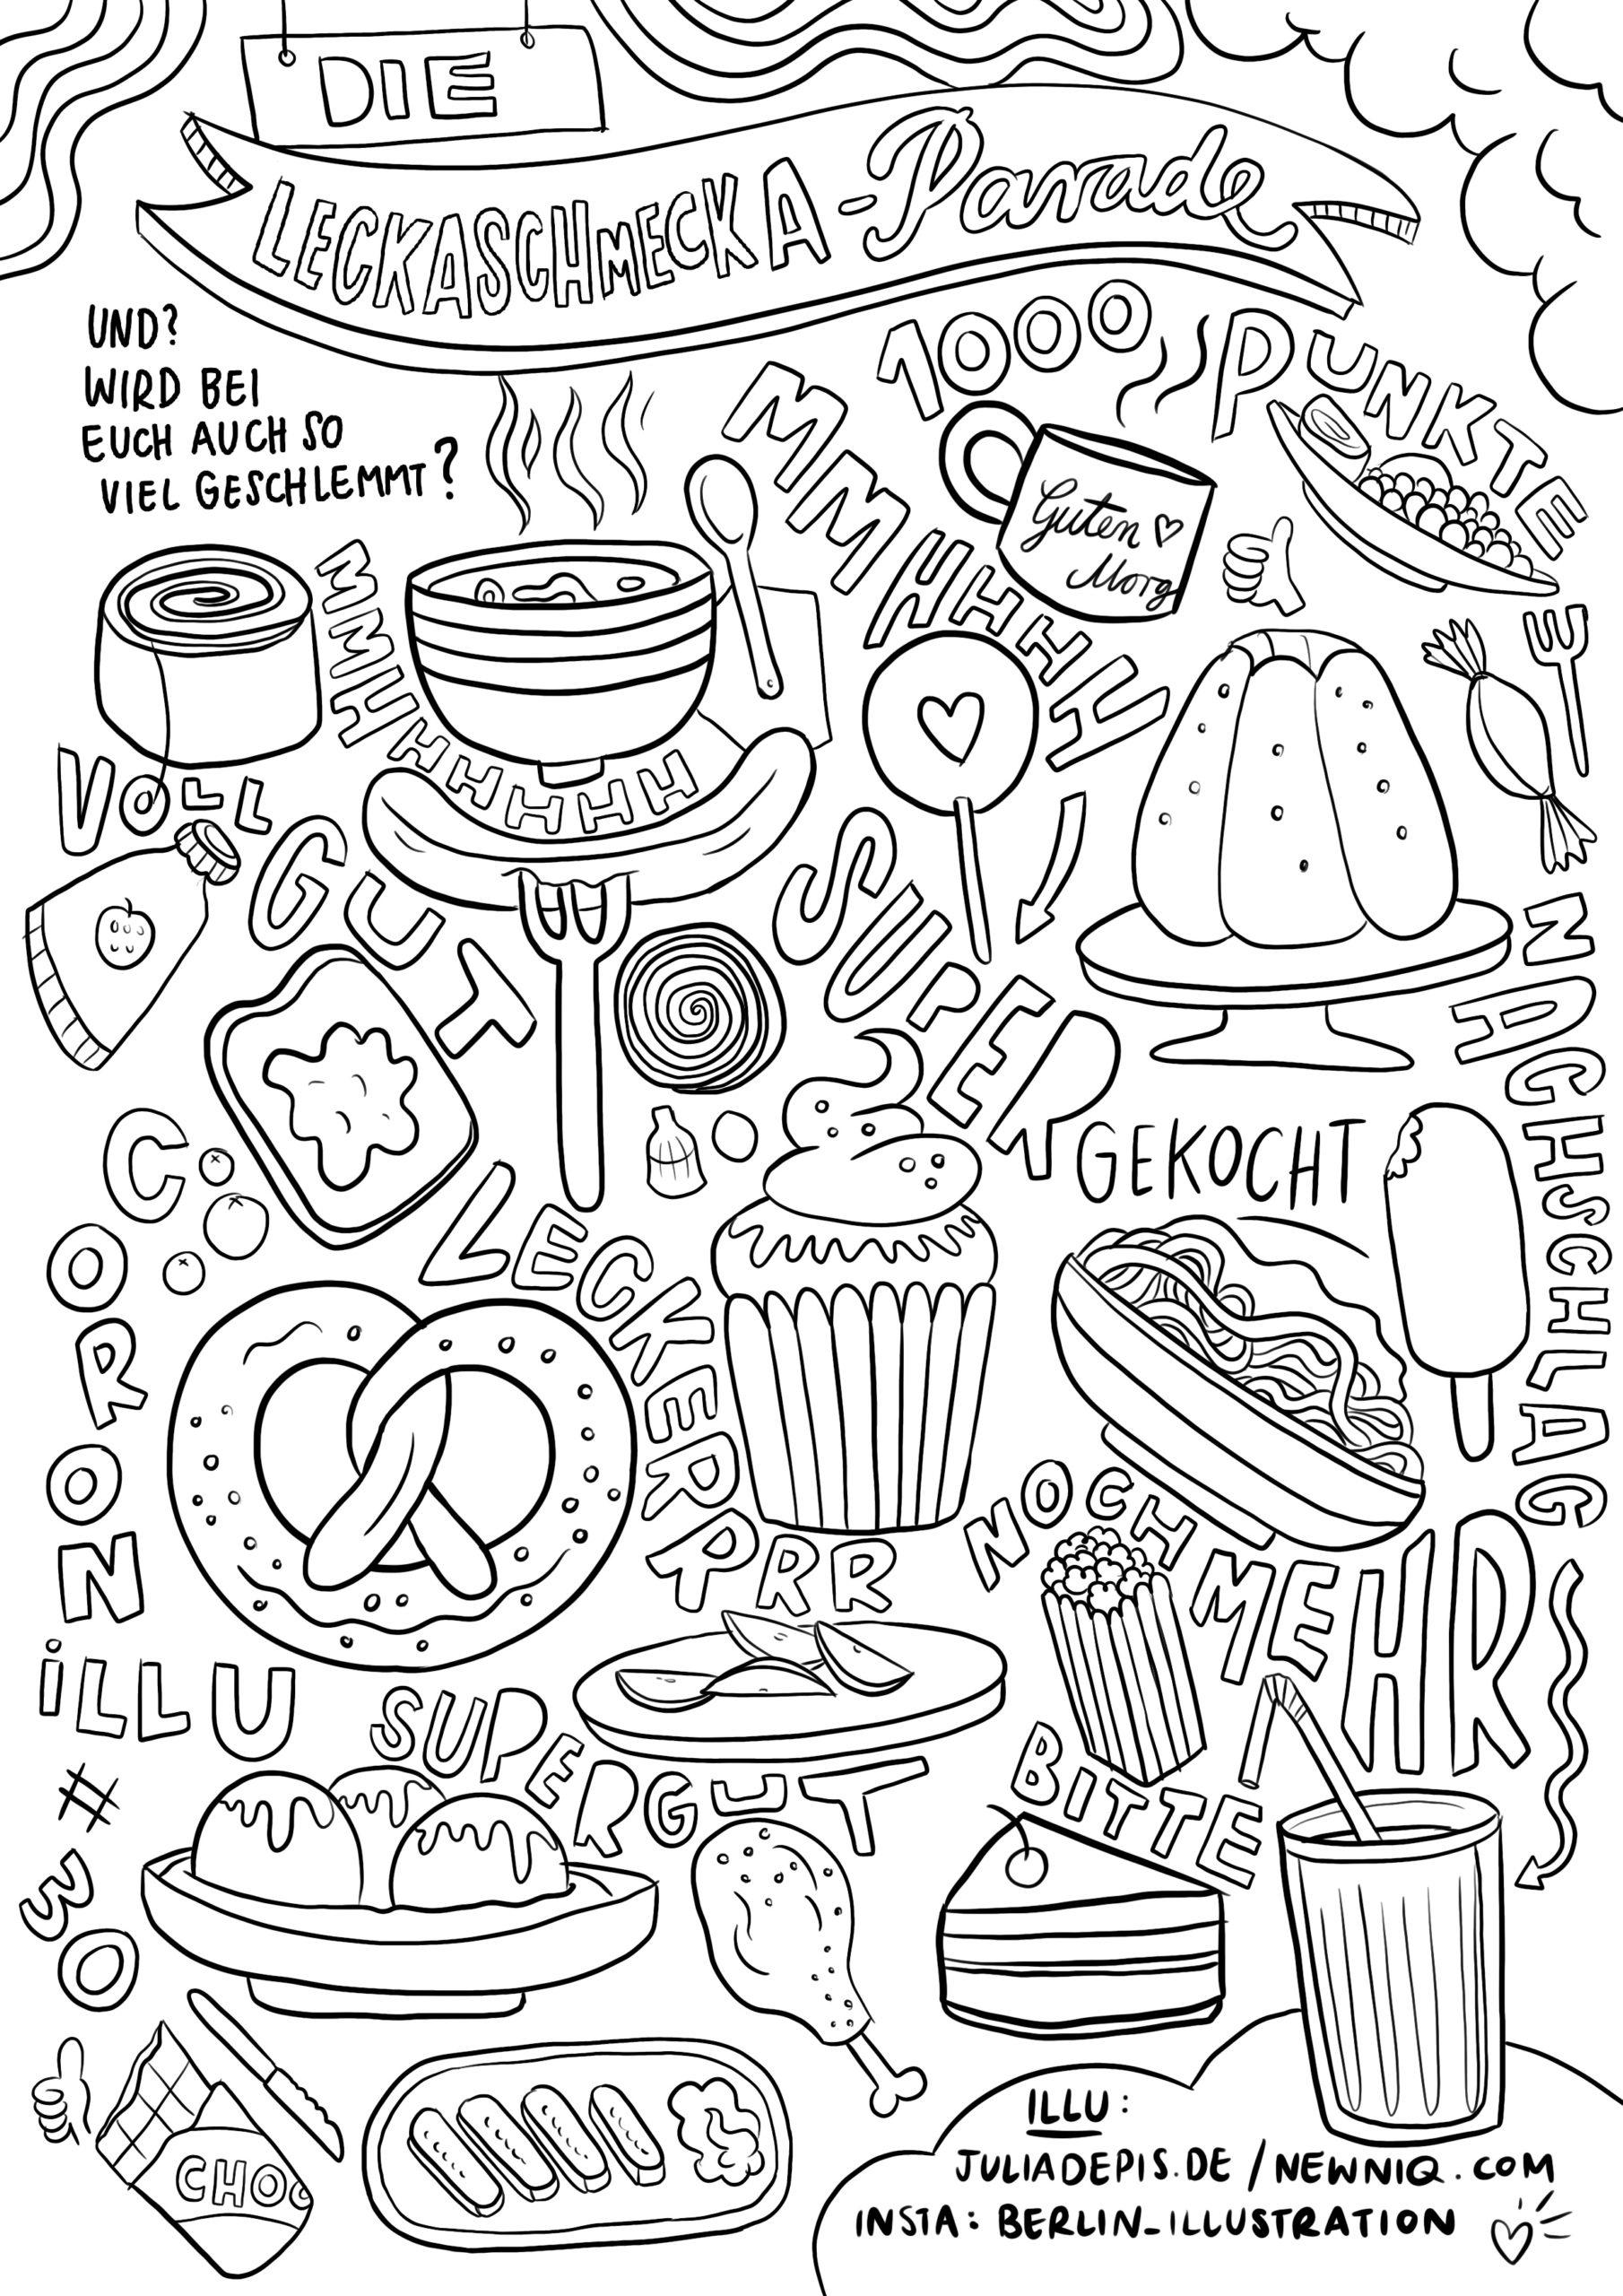 Malvorlagen Für Kinder Gegen Den Corona-Koller - Newniq ganzes Ausmalbilder Essen